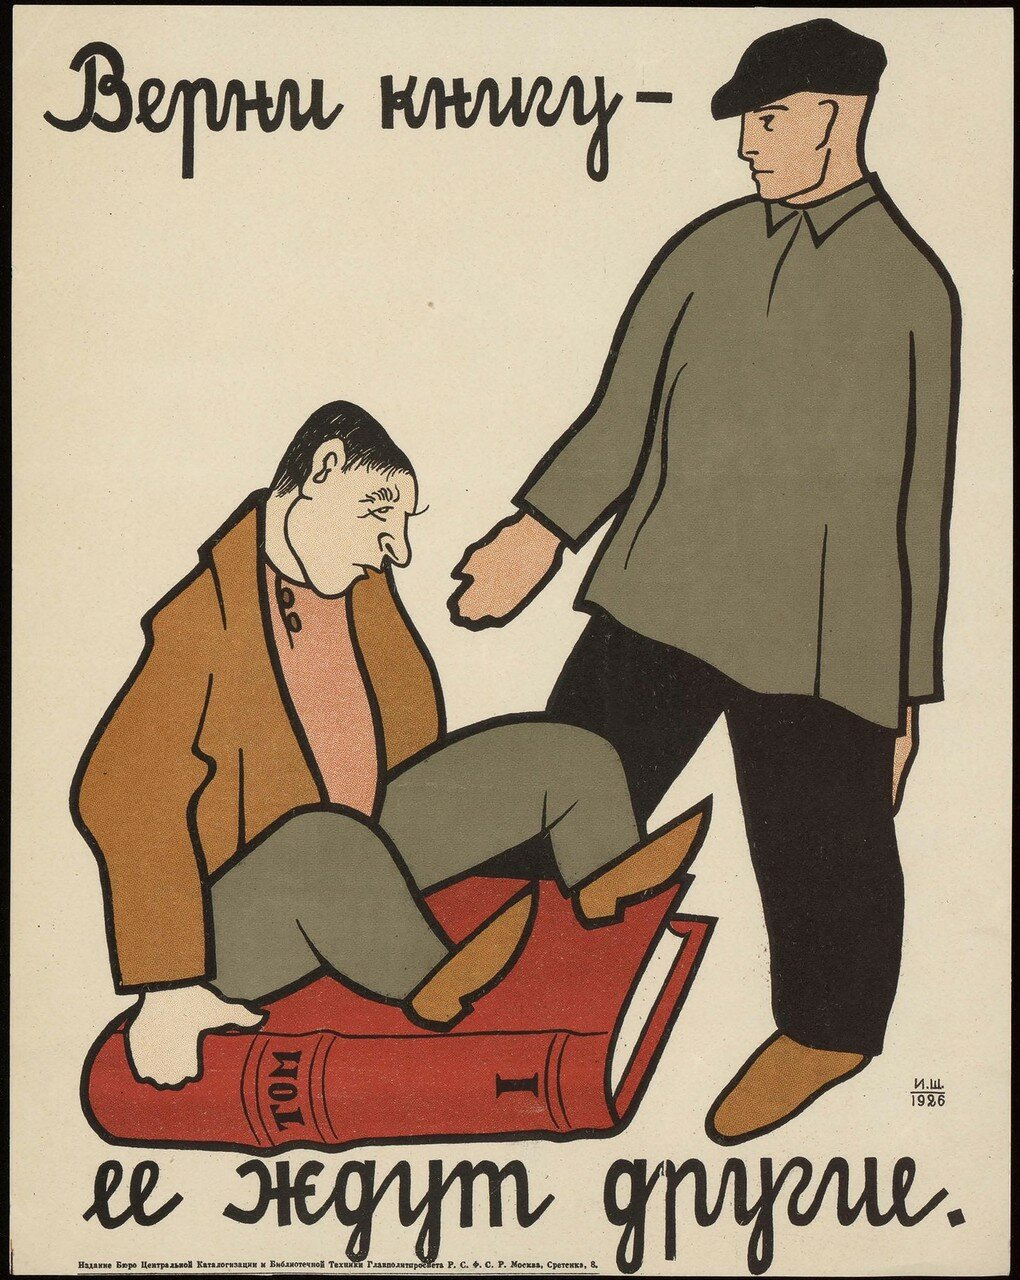 1926. Верни книгу - ее ждут другие